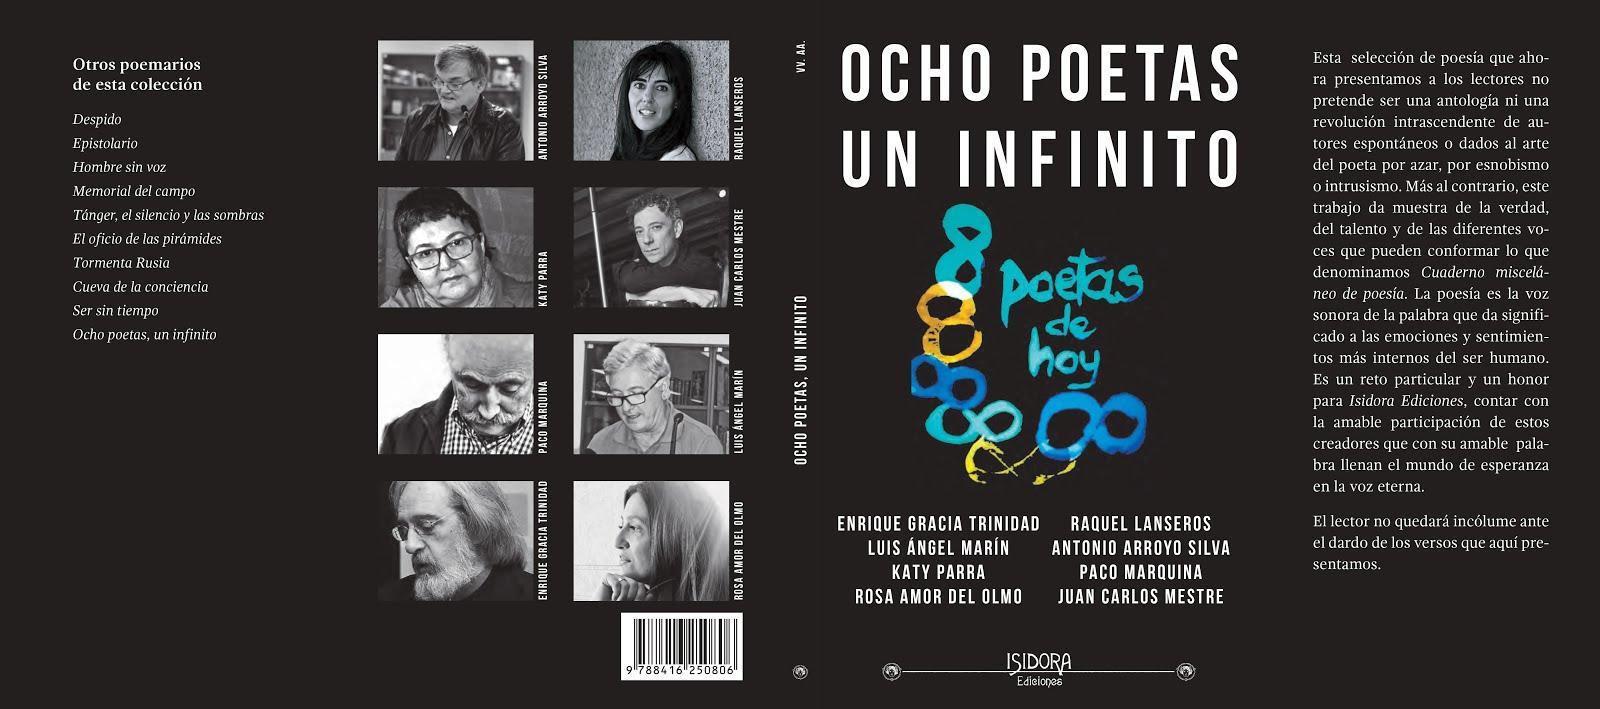 Ocho poetas en prensa